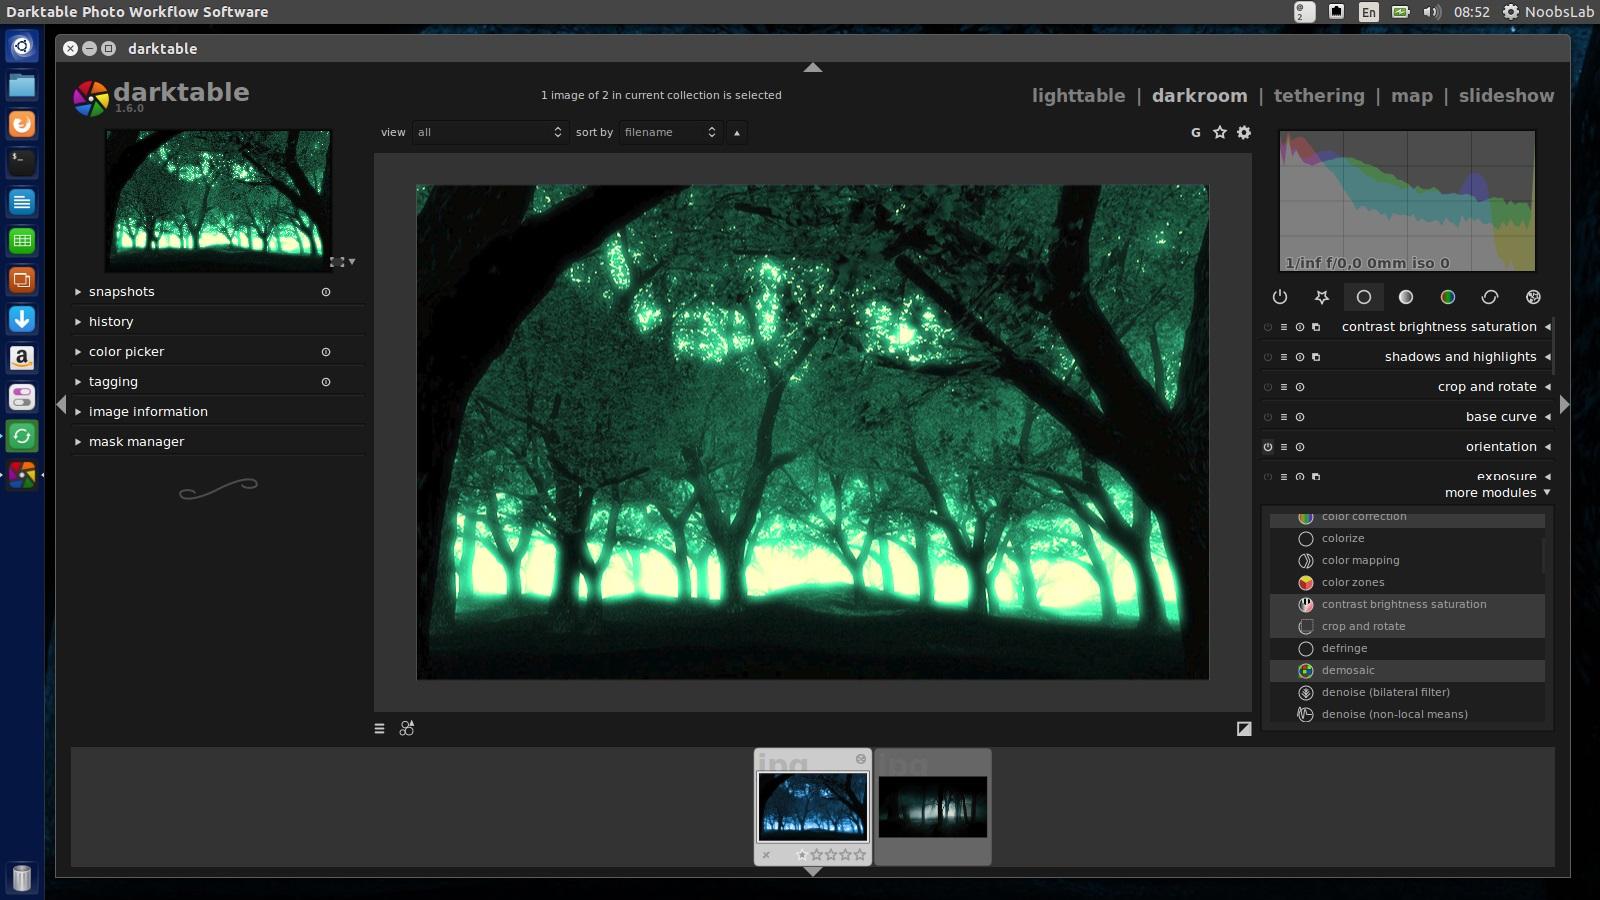 Darktable 1 6 Version Released, Install In Ubuntu/Linux Mint